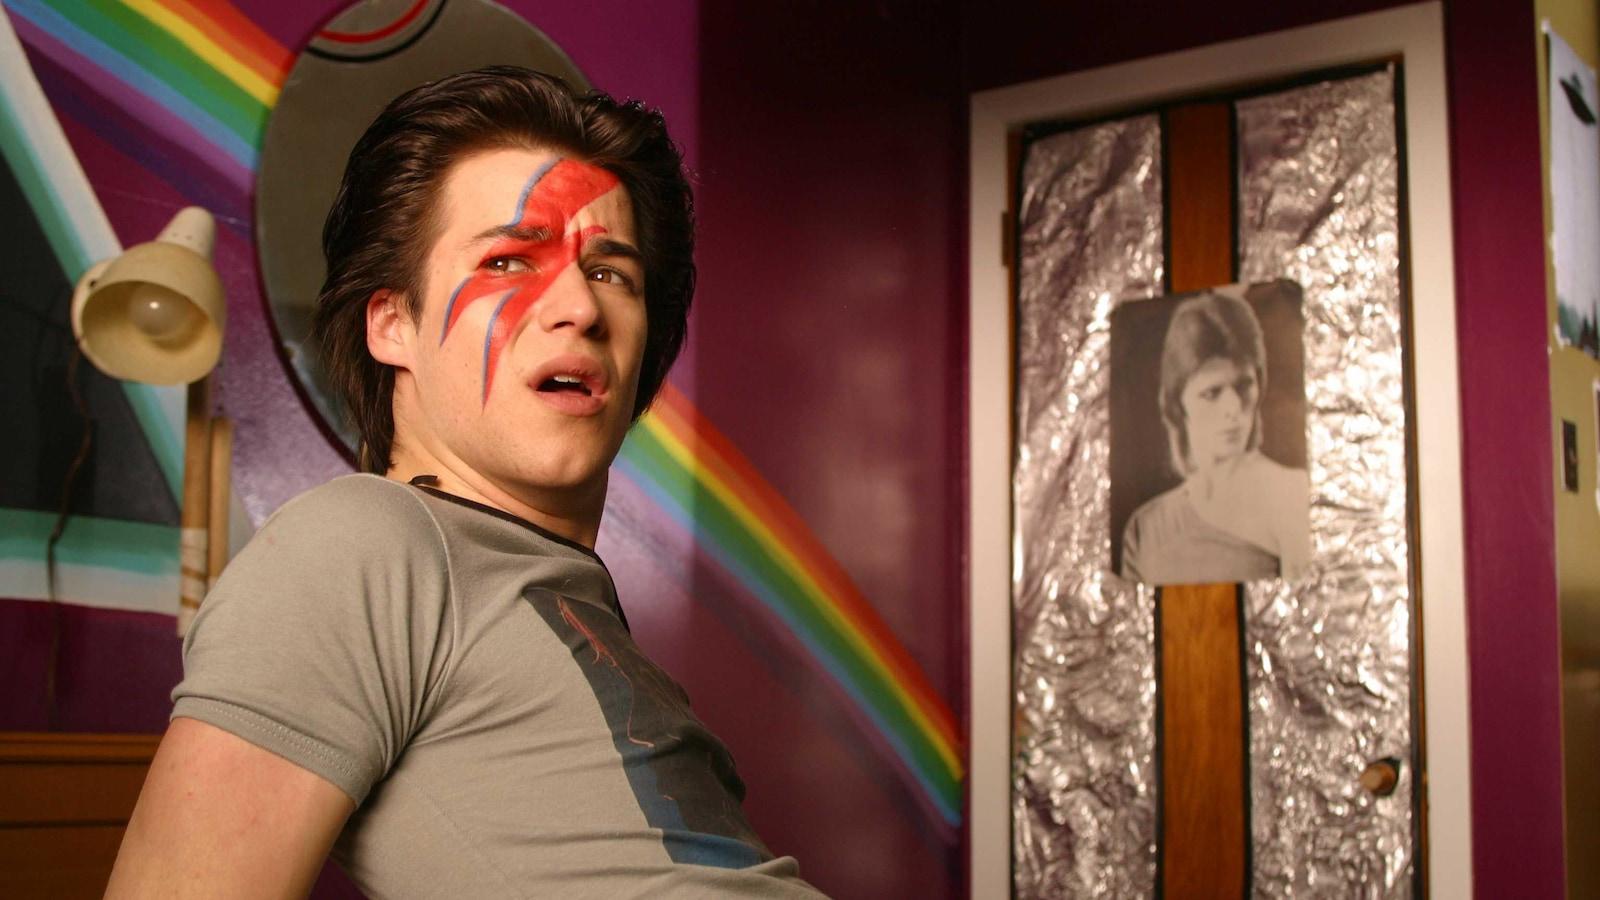 Marc-André Grondin joue un jeune gai dans le film C.R.A.Z.Y. (2005), de Jean-Marc Vallée.